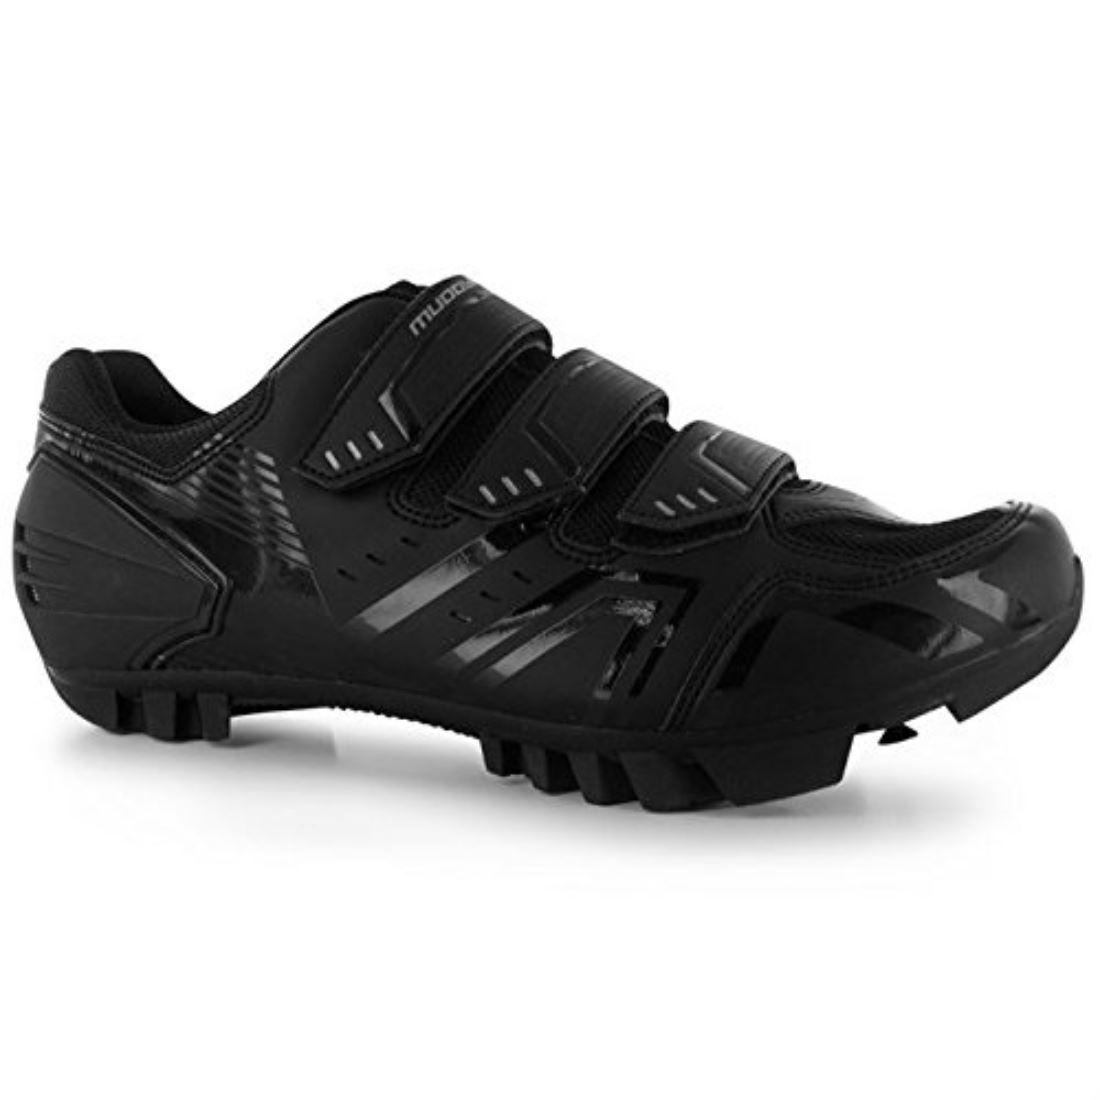 Muddyfox Mtb Mens Cycling Shoes